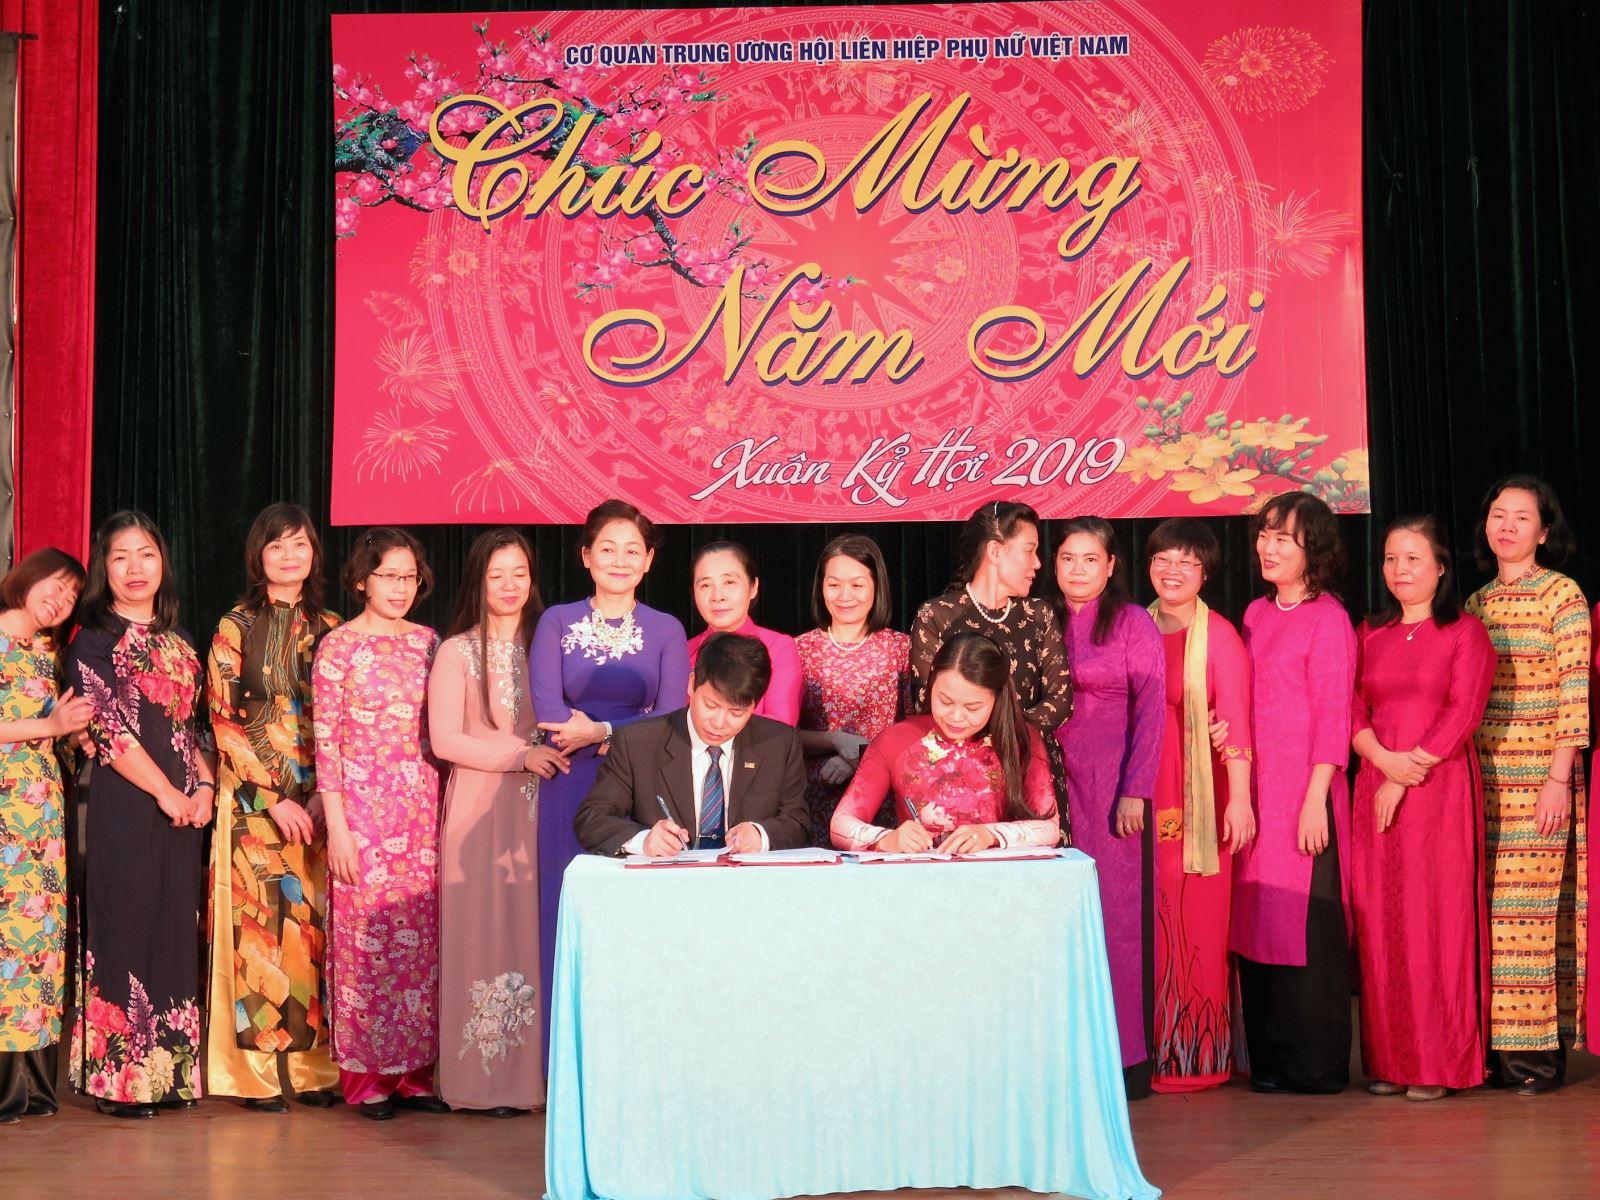 Trung ương Hội LHPN Việt Nam trao tặng cờ thi đua xuất sắc cho Học viện Phụ nữ Việt Nam